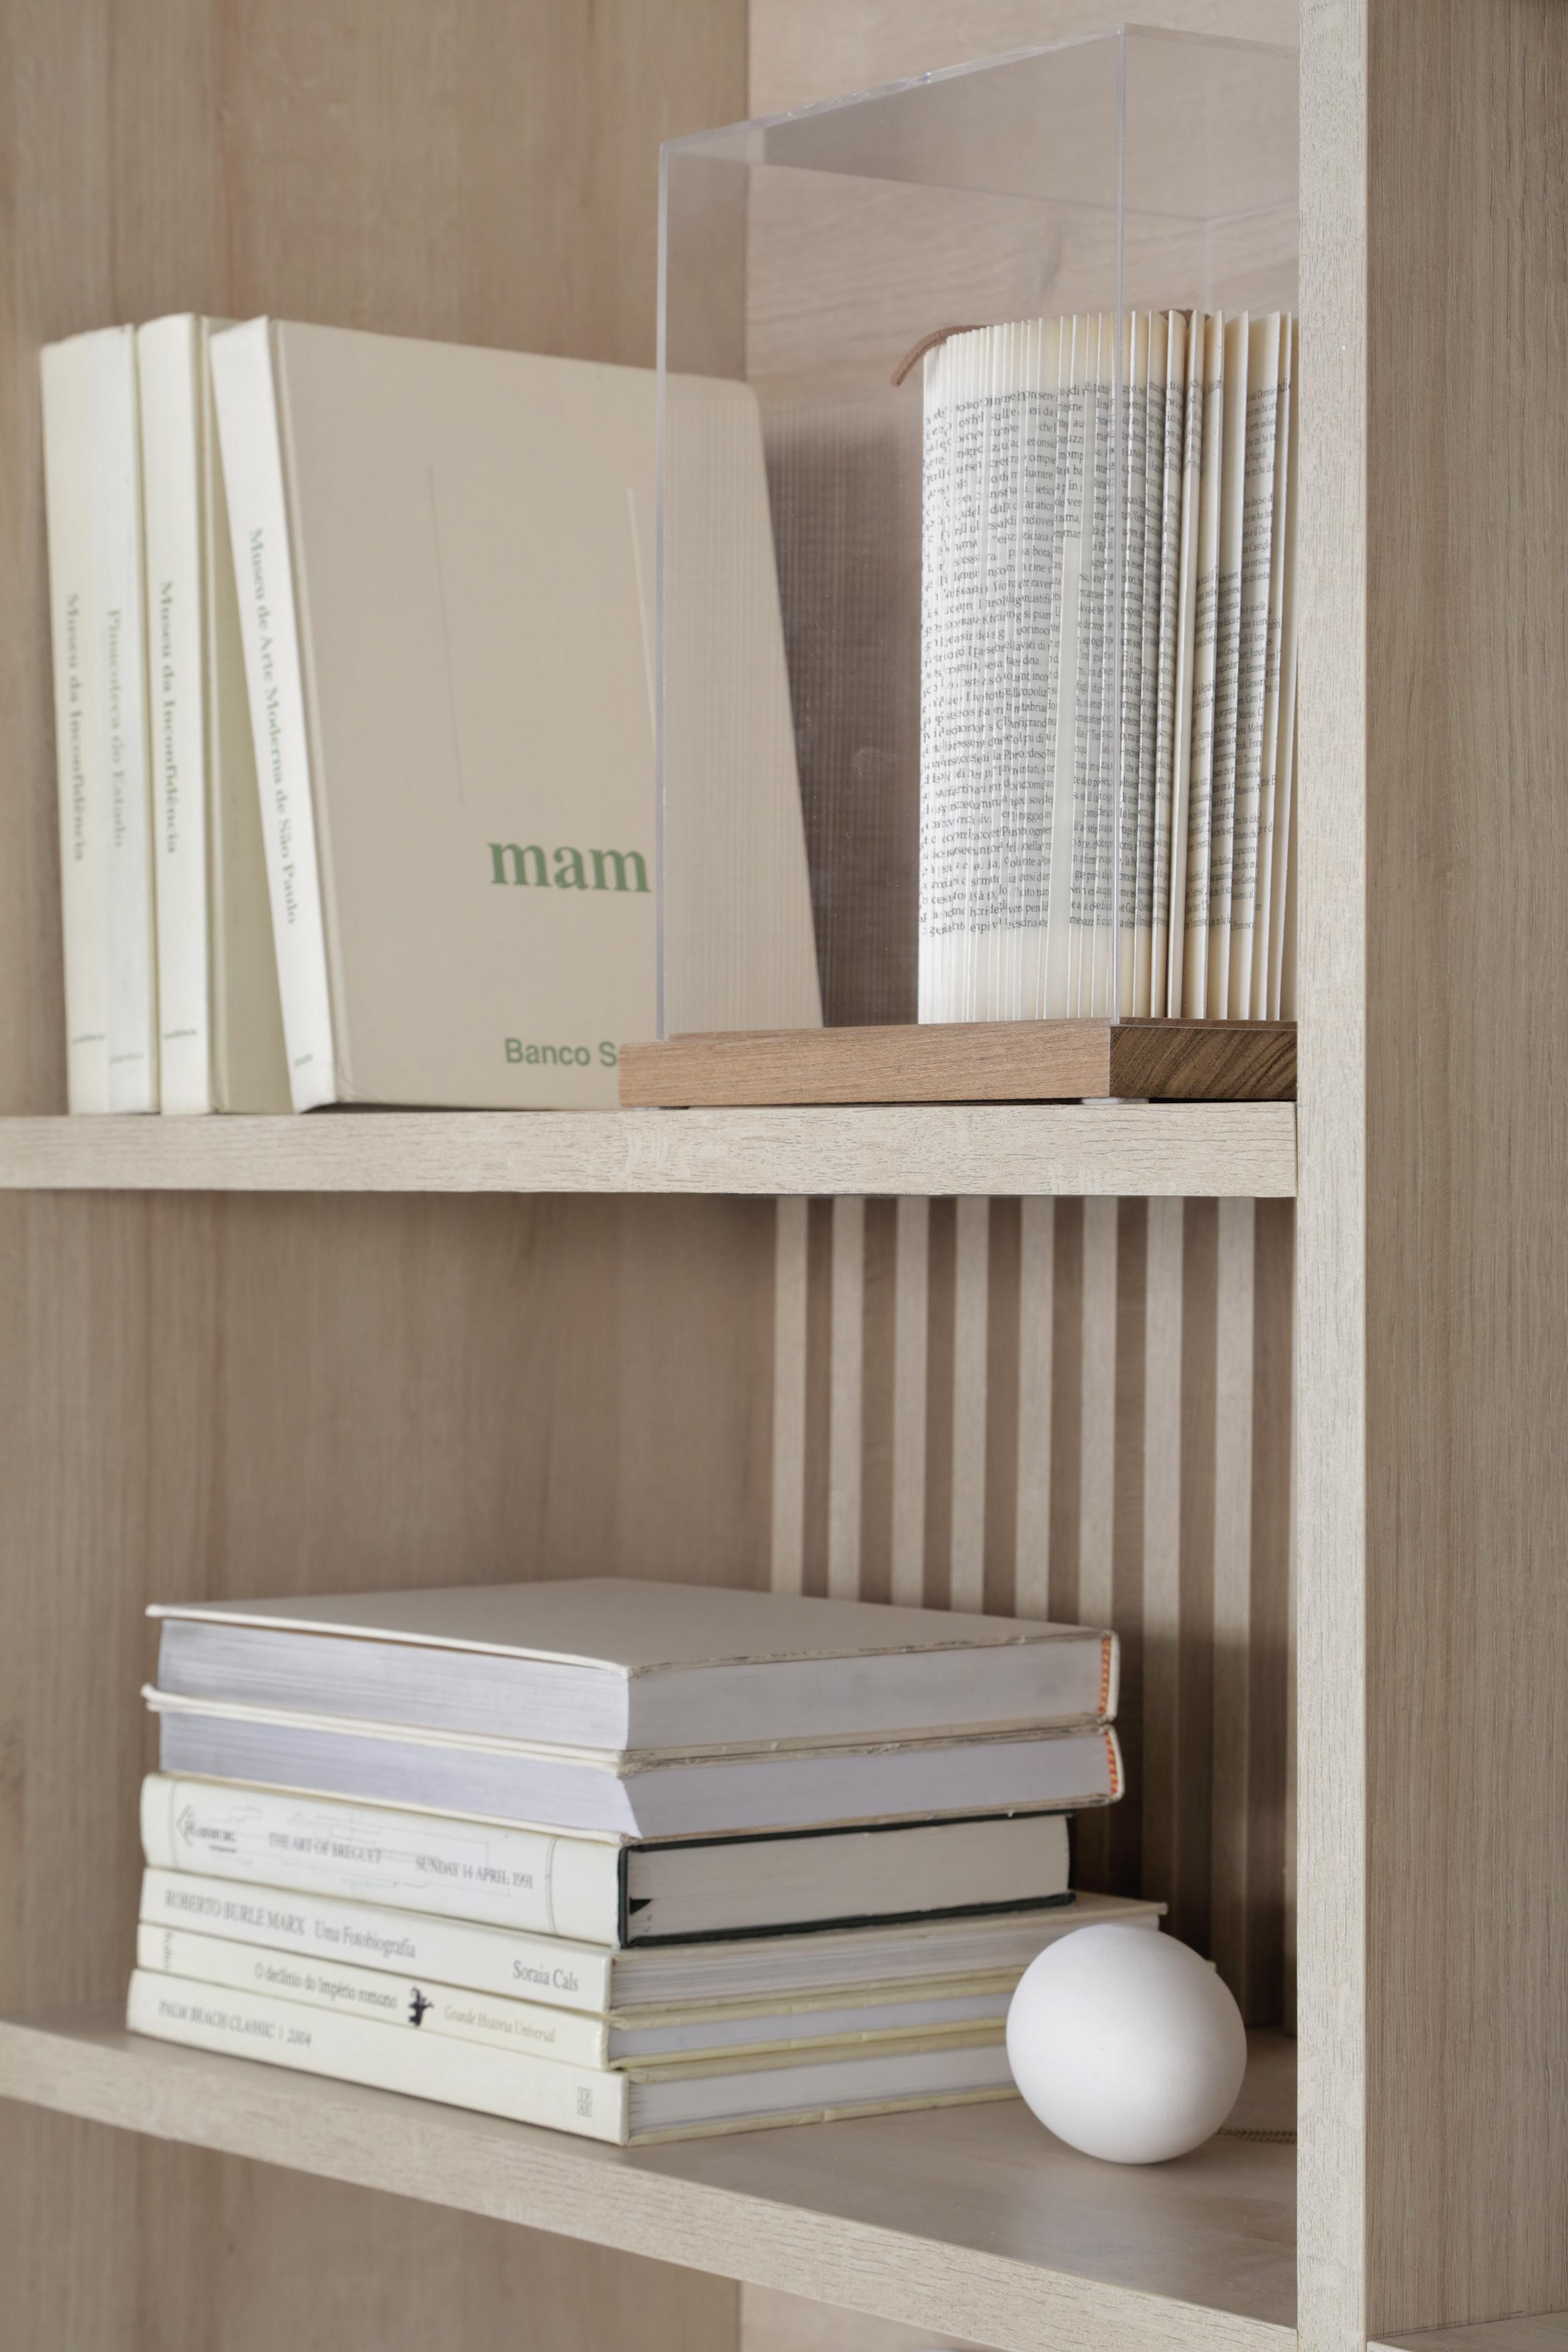 Casa Conecta: Ticiane Lima, CASACOR SP 2019.  Detalhe da estante, prateleiras com livros.